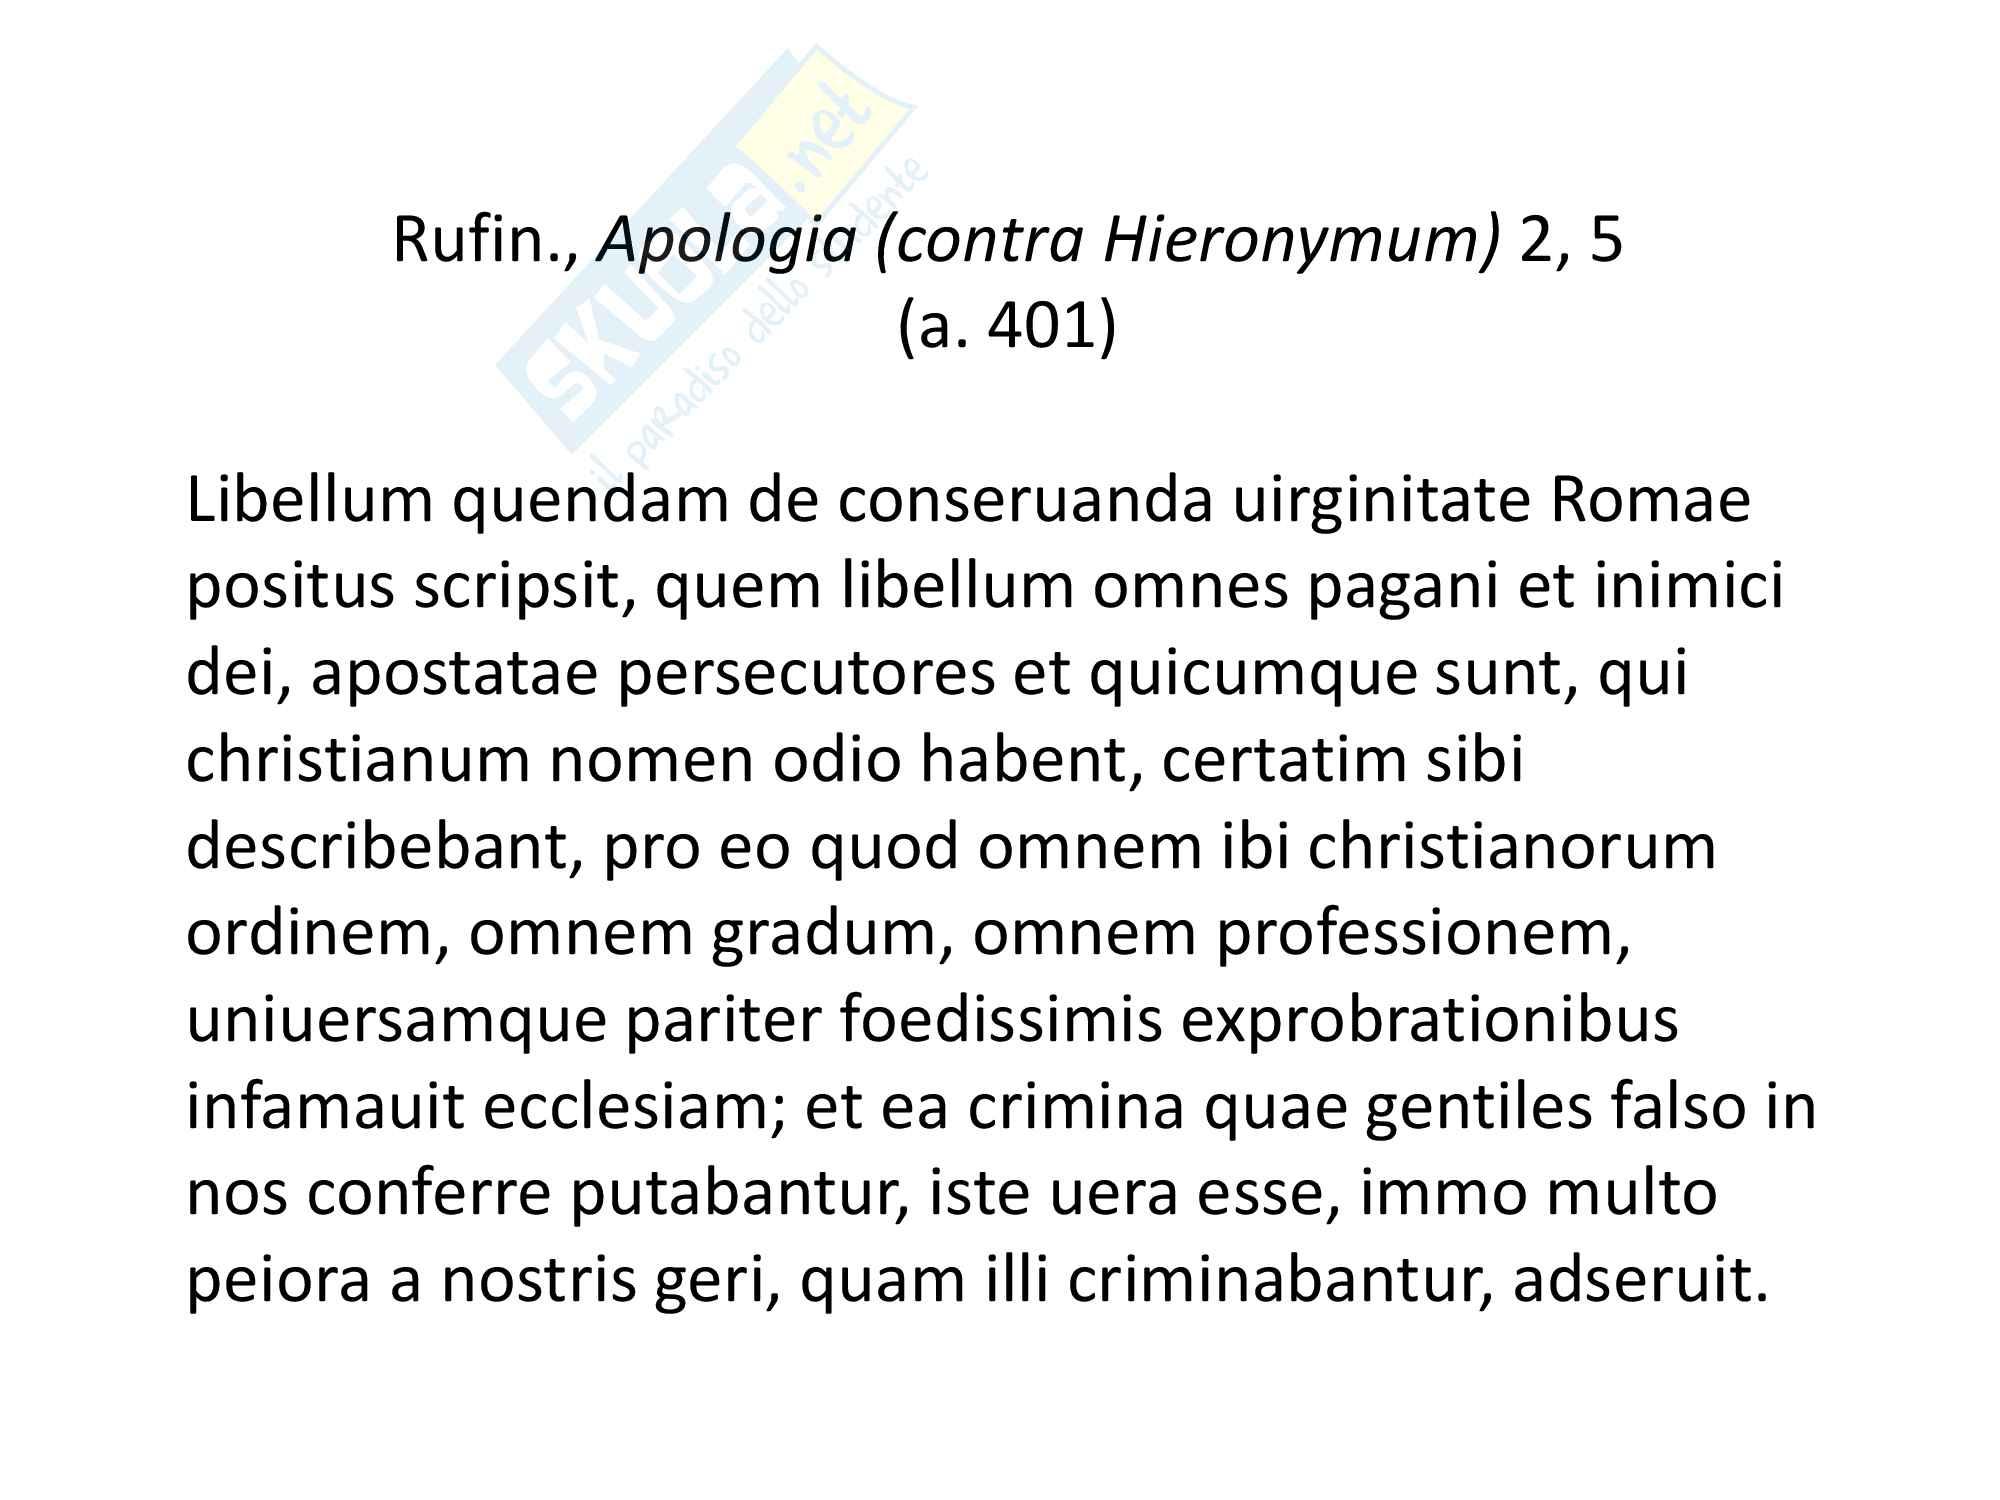 Epistolario San Gerolamo, lettera XXII ad Eustochio, Discorso sulla verginità, vita e filosofia. Pag. 11